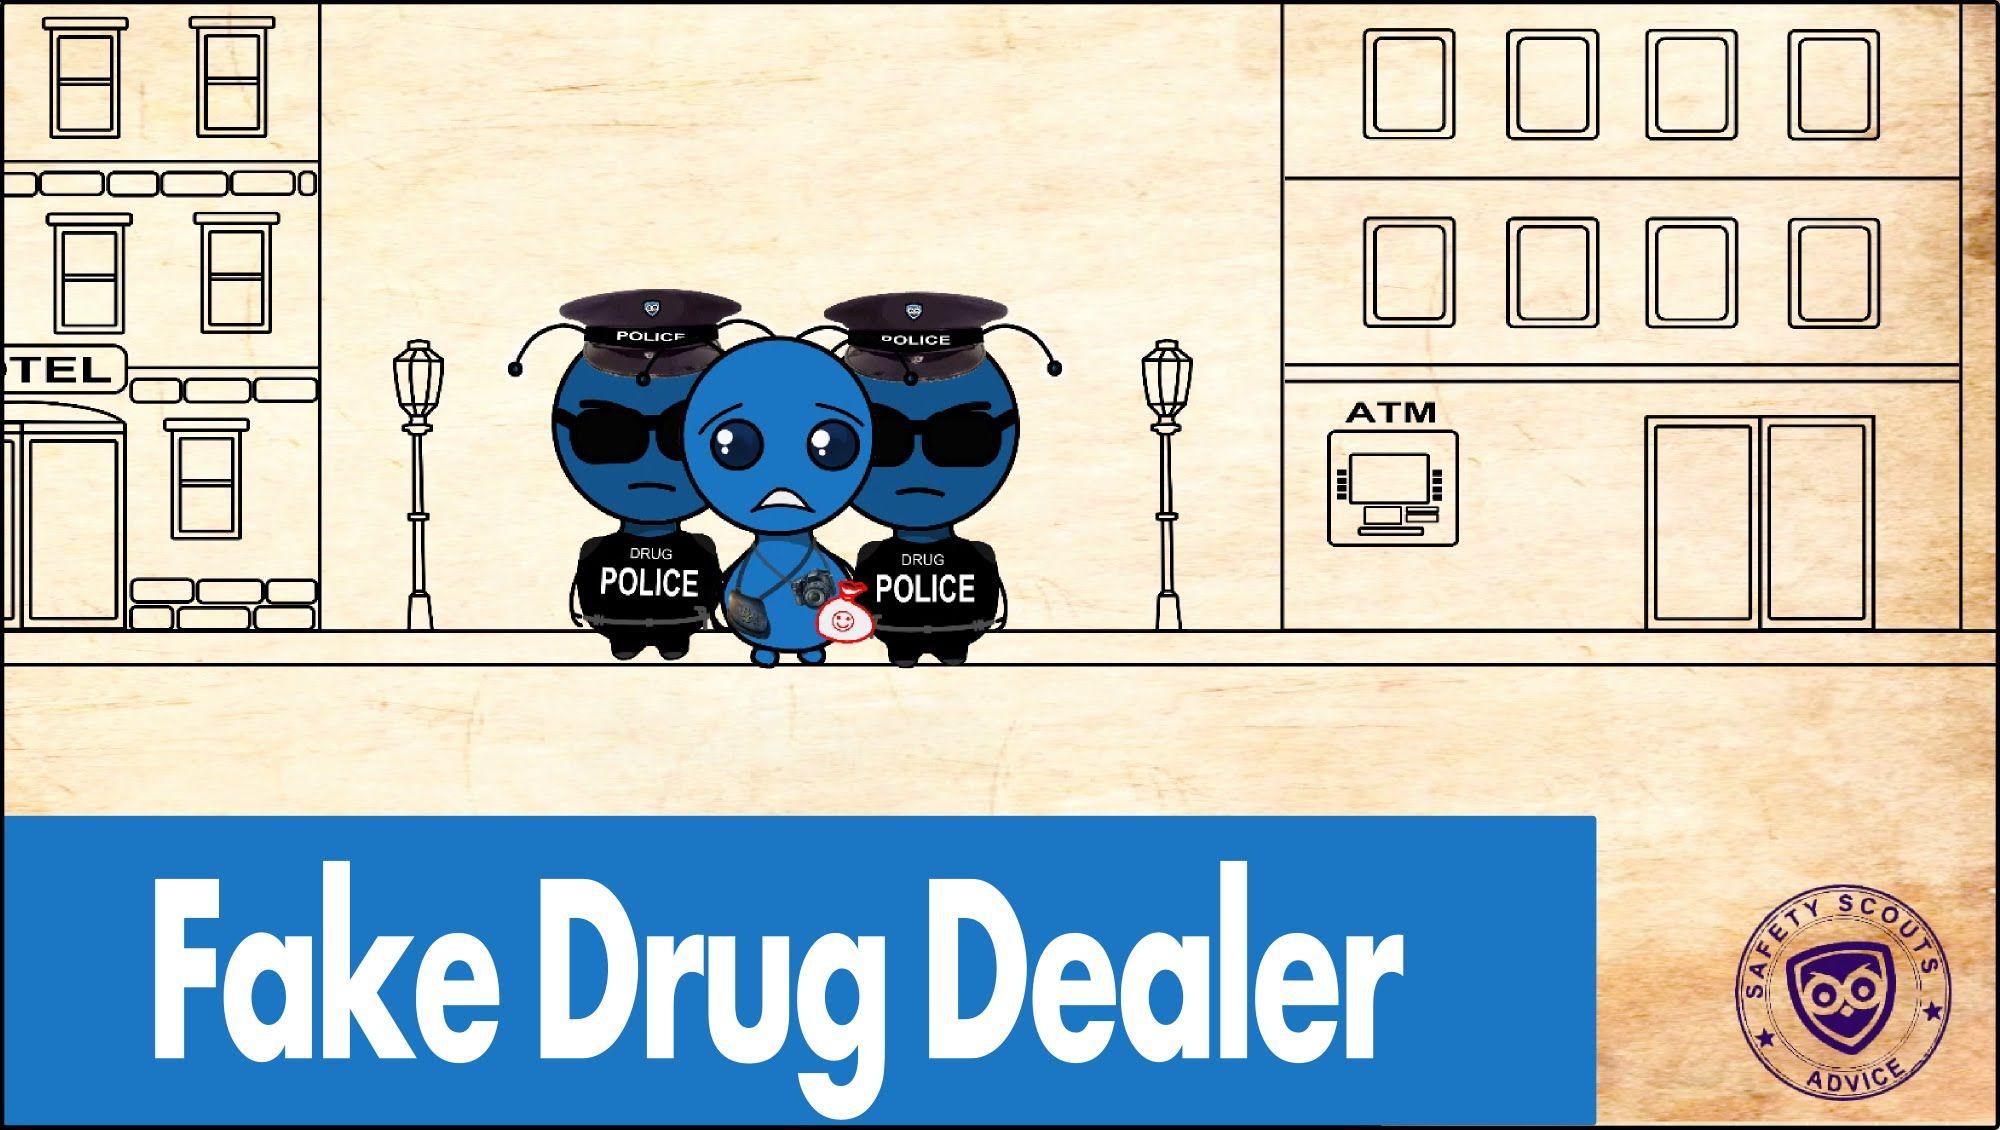 Fake Drug Dealer - Safety Scouts Advice - Episode 41 [HD, 4K